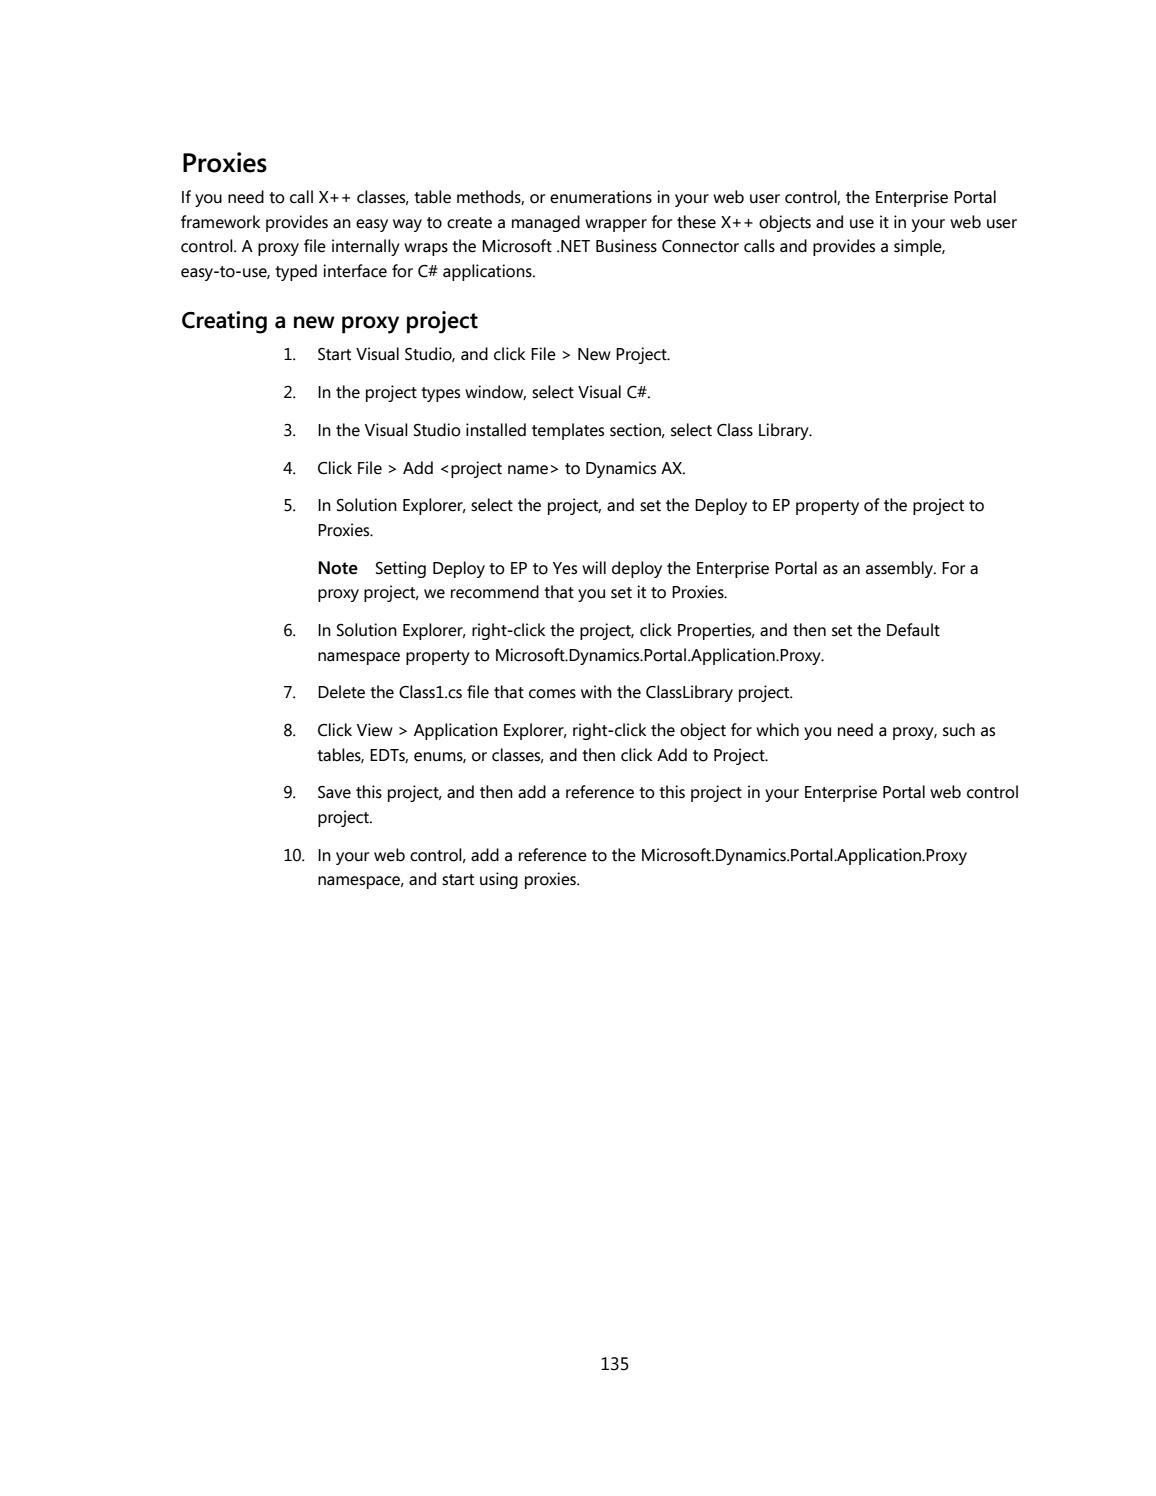 Microsoft Dynamics AX 2012 - Enterprise portal development